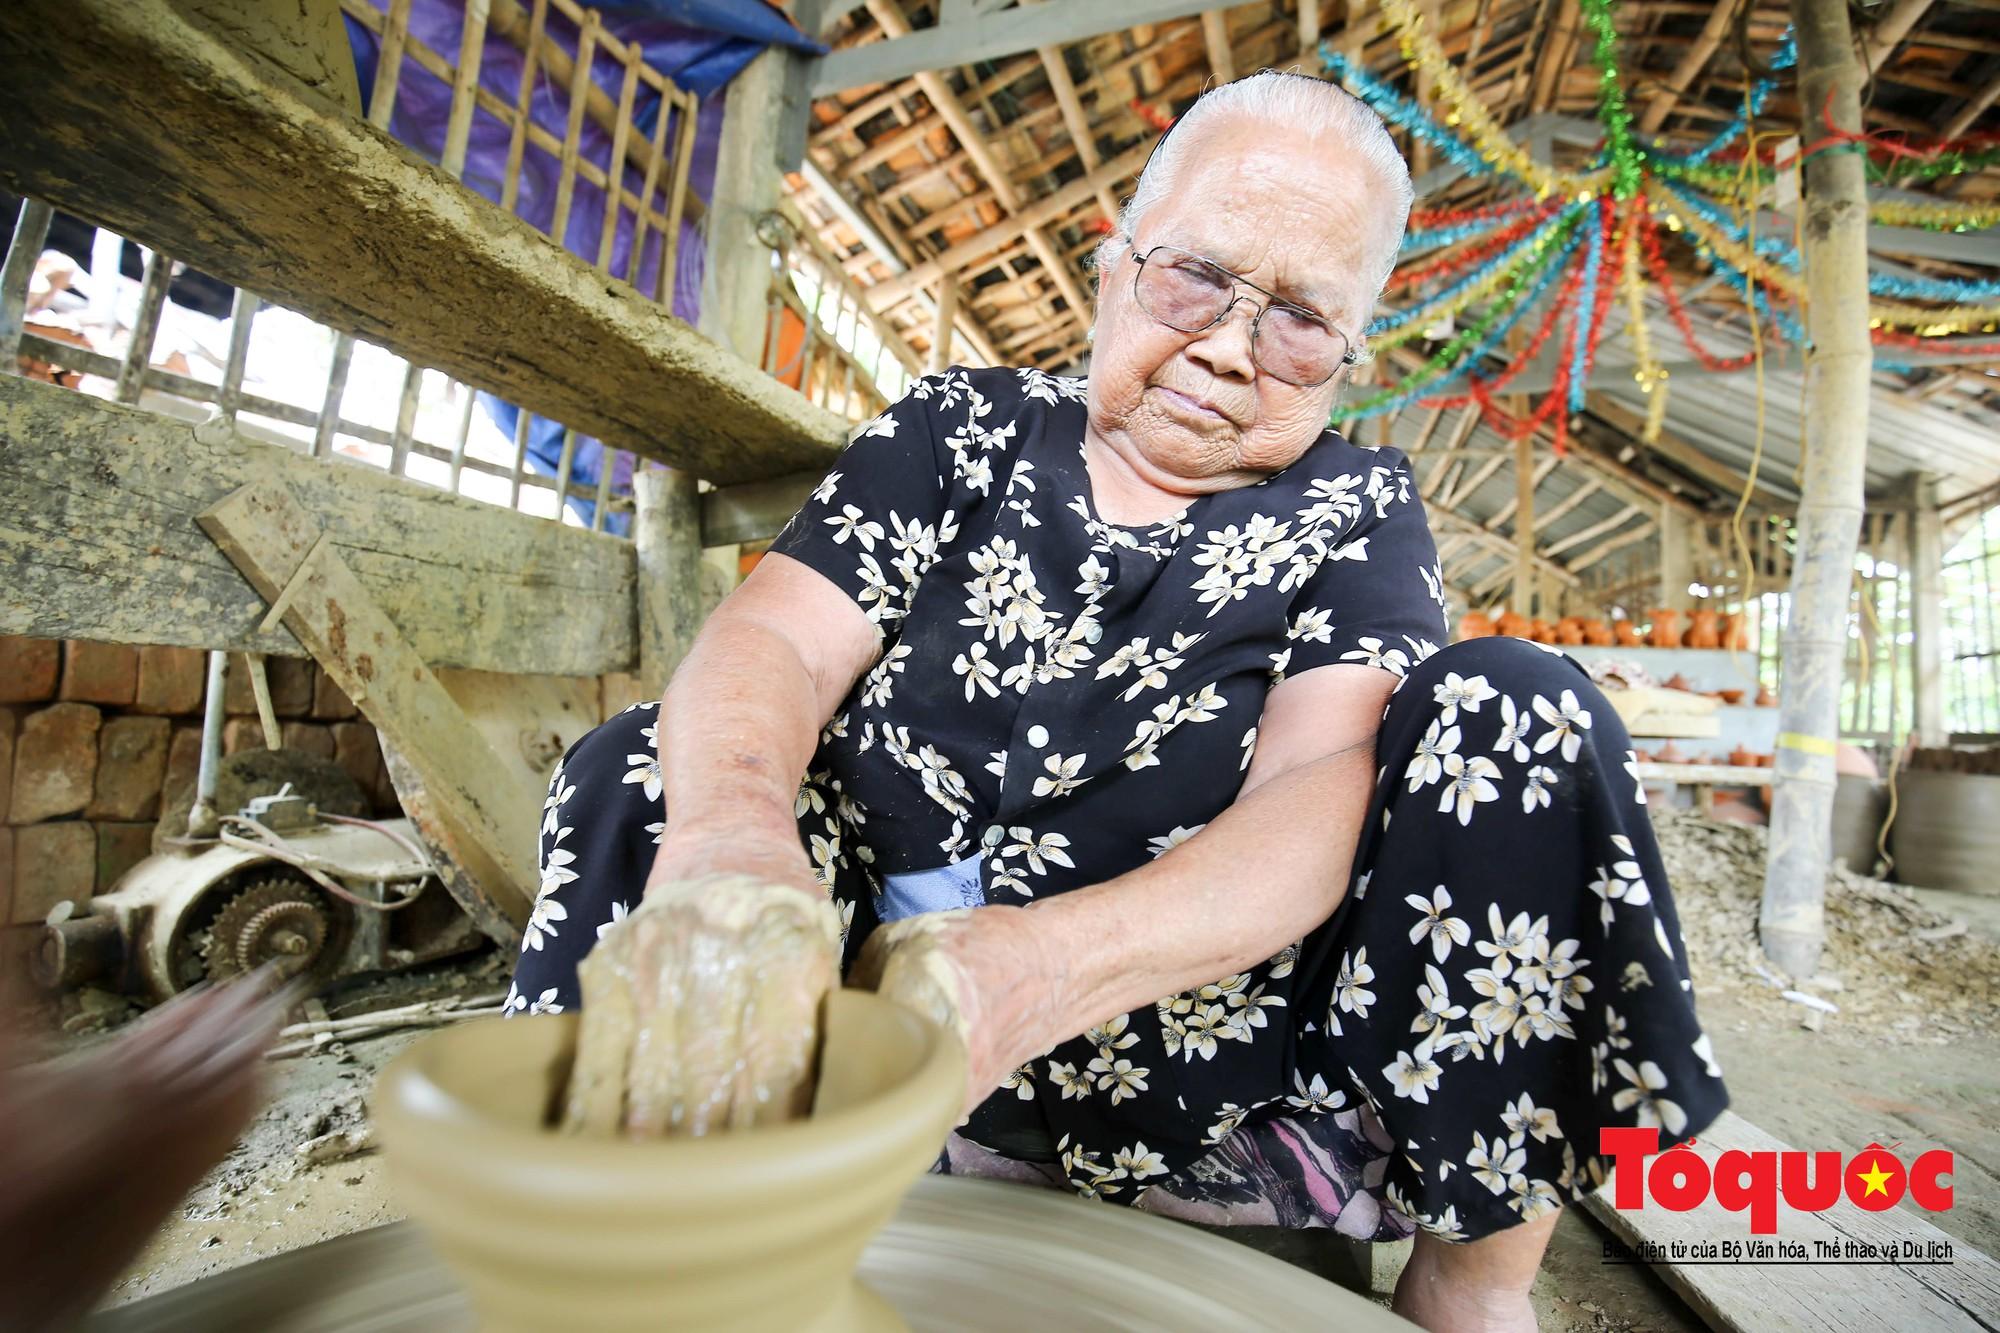 Vẻ đẹp trầm mặc của làng gốm gần nghìn năm tuổi bên dòng sông Thu Bồn3